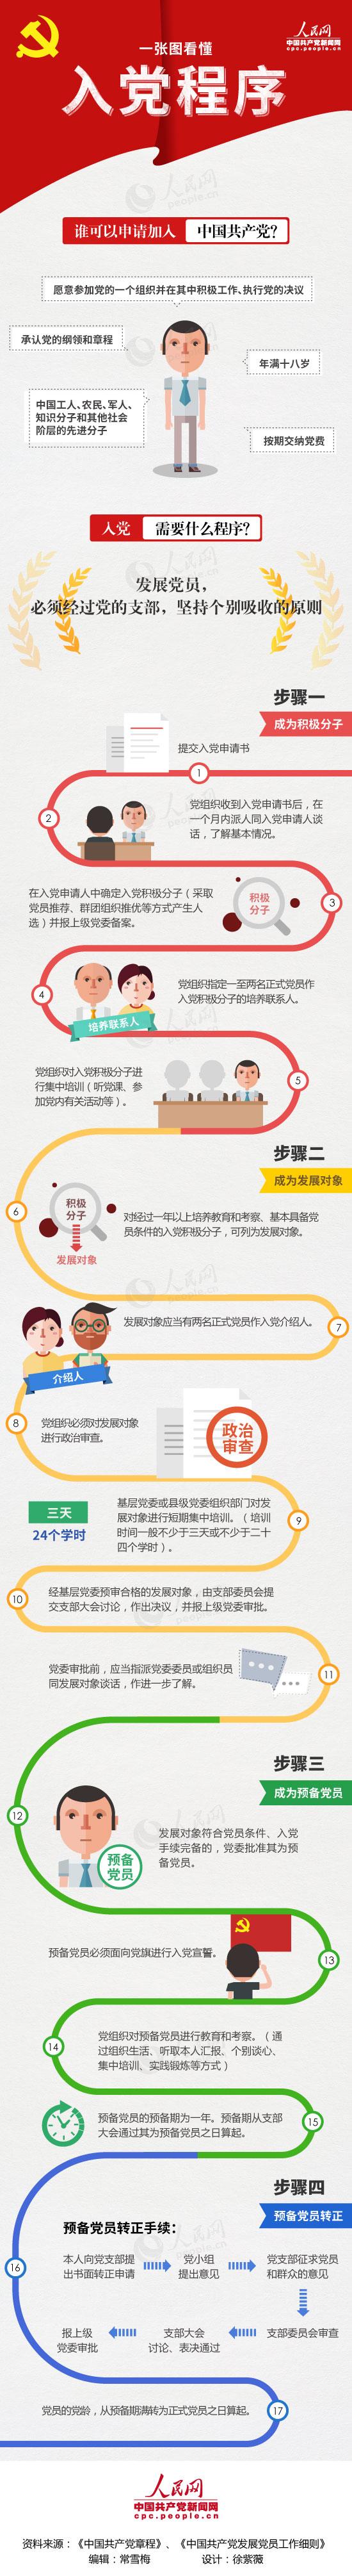 【党务知识图解】一张图看懂入党程序